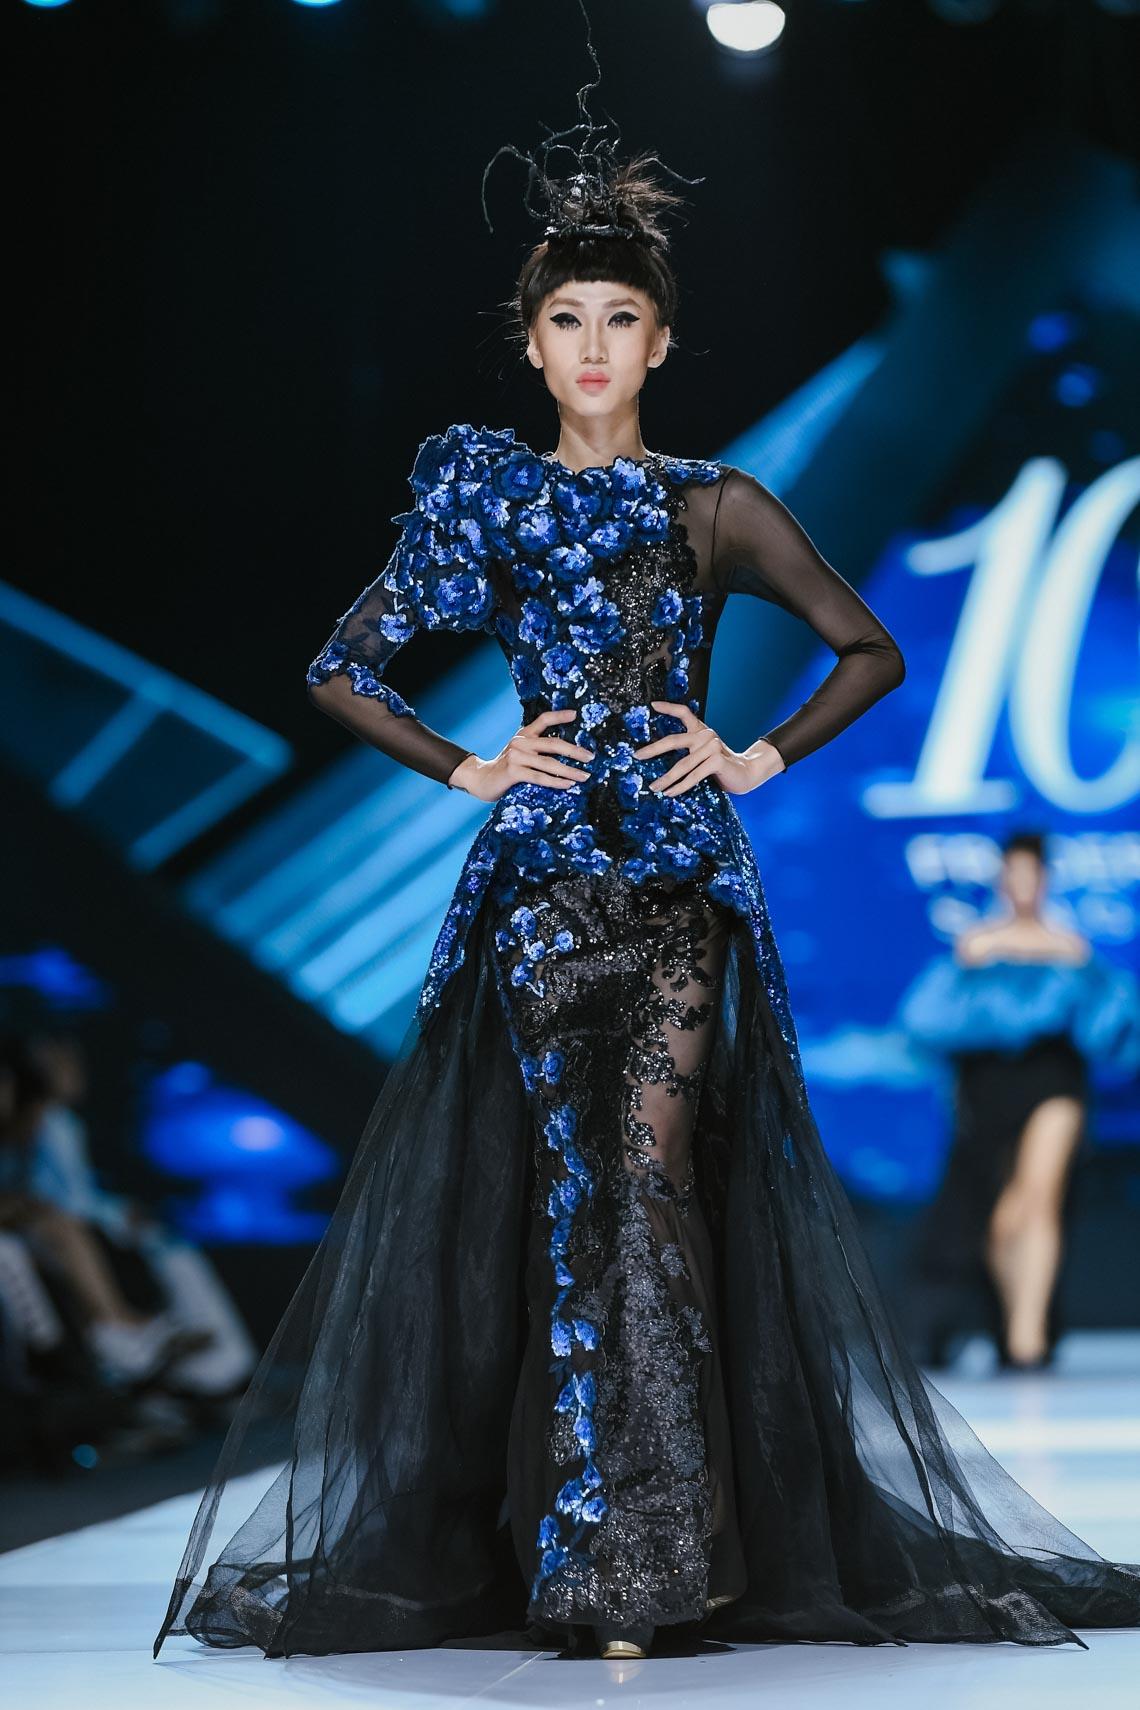 Siêu mẫu Thanh Hằng trong BST mới nhất của Frederick Lee trên sàn diễn Tuần lễ Thời trang Quốc tế Việt Nam Thu Đông 2019 - 4